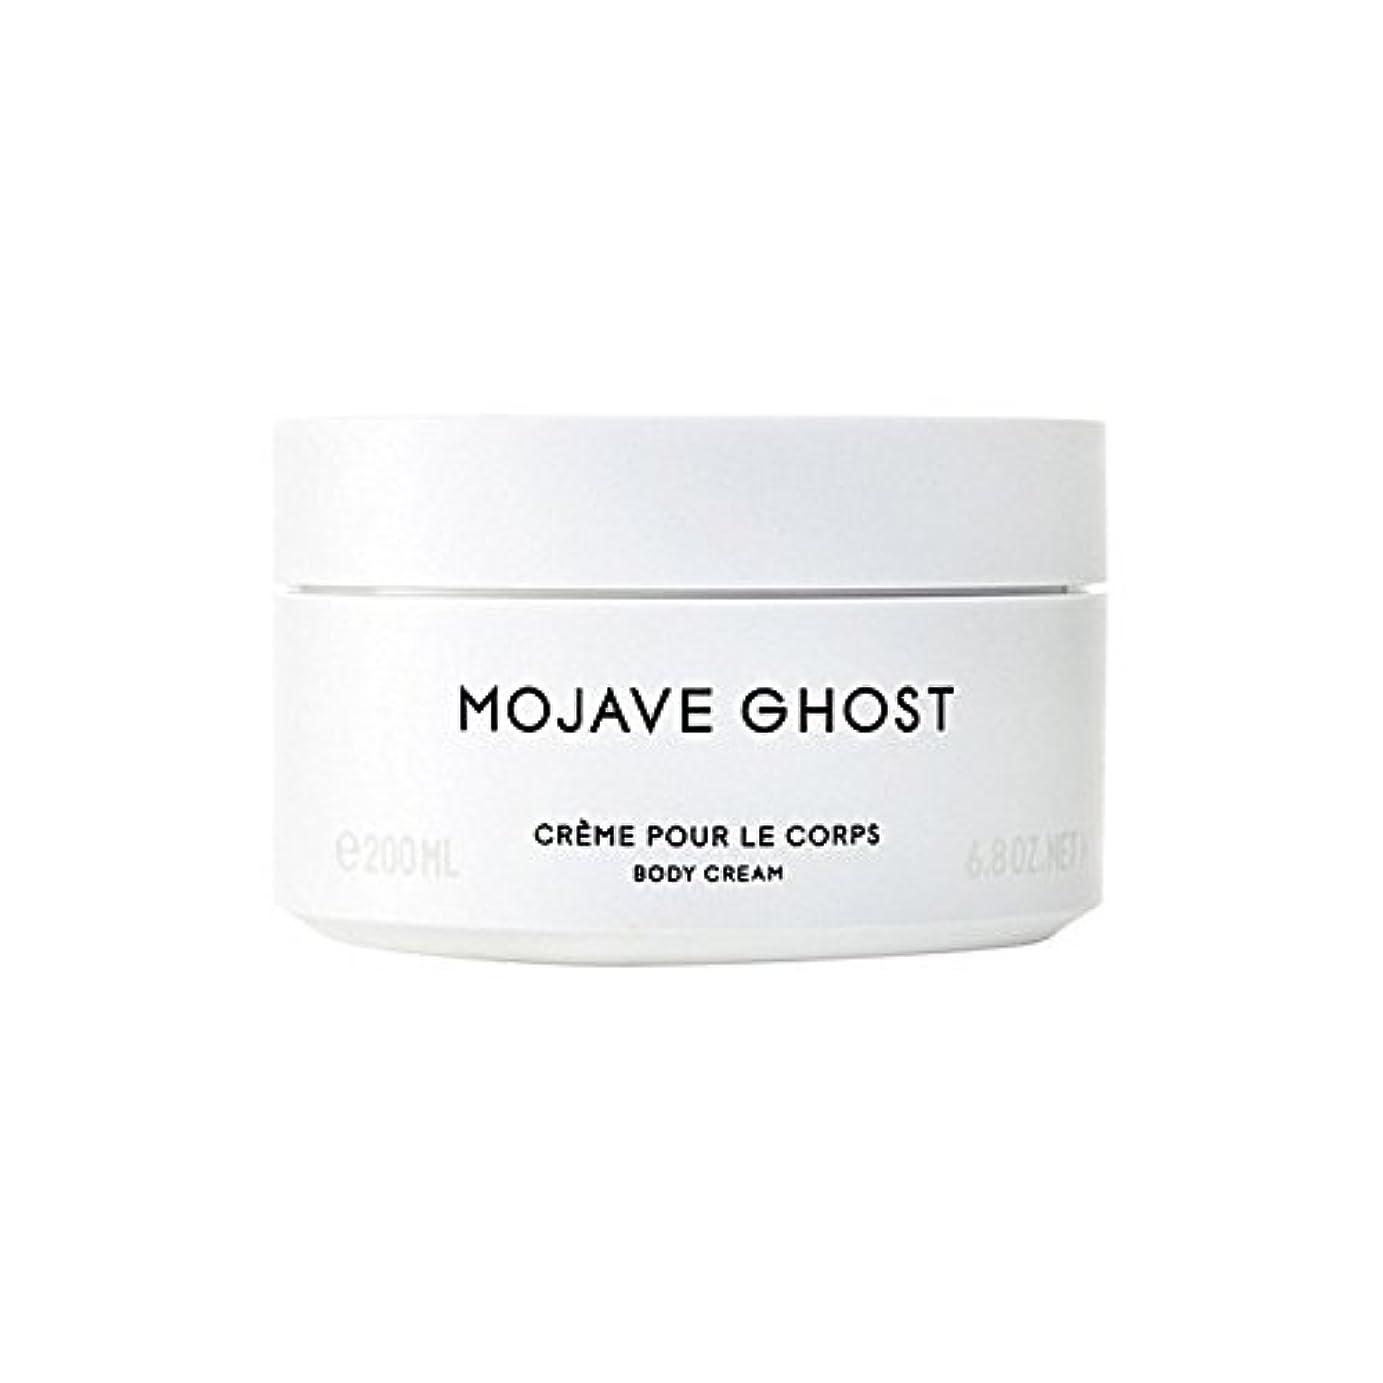 後悔乱れ幻滅モハーベゴーストボディクリーム200ミリリットル x4 - Byredo Mojave Ghost Body Cream 200ml (Pack of 4) [並行輸入品]